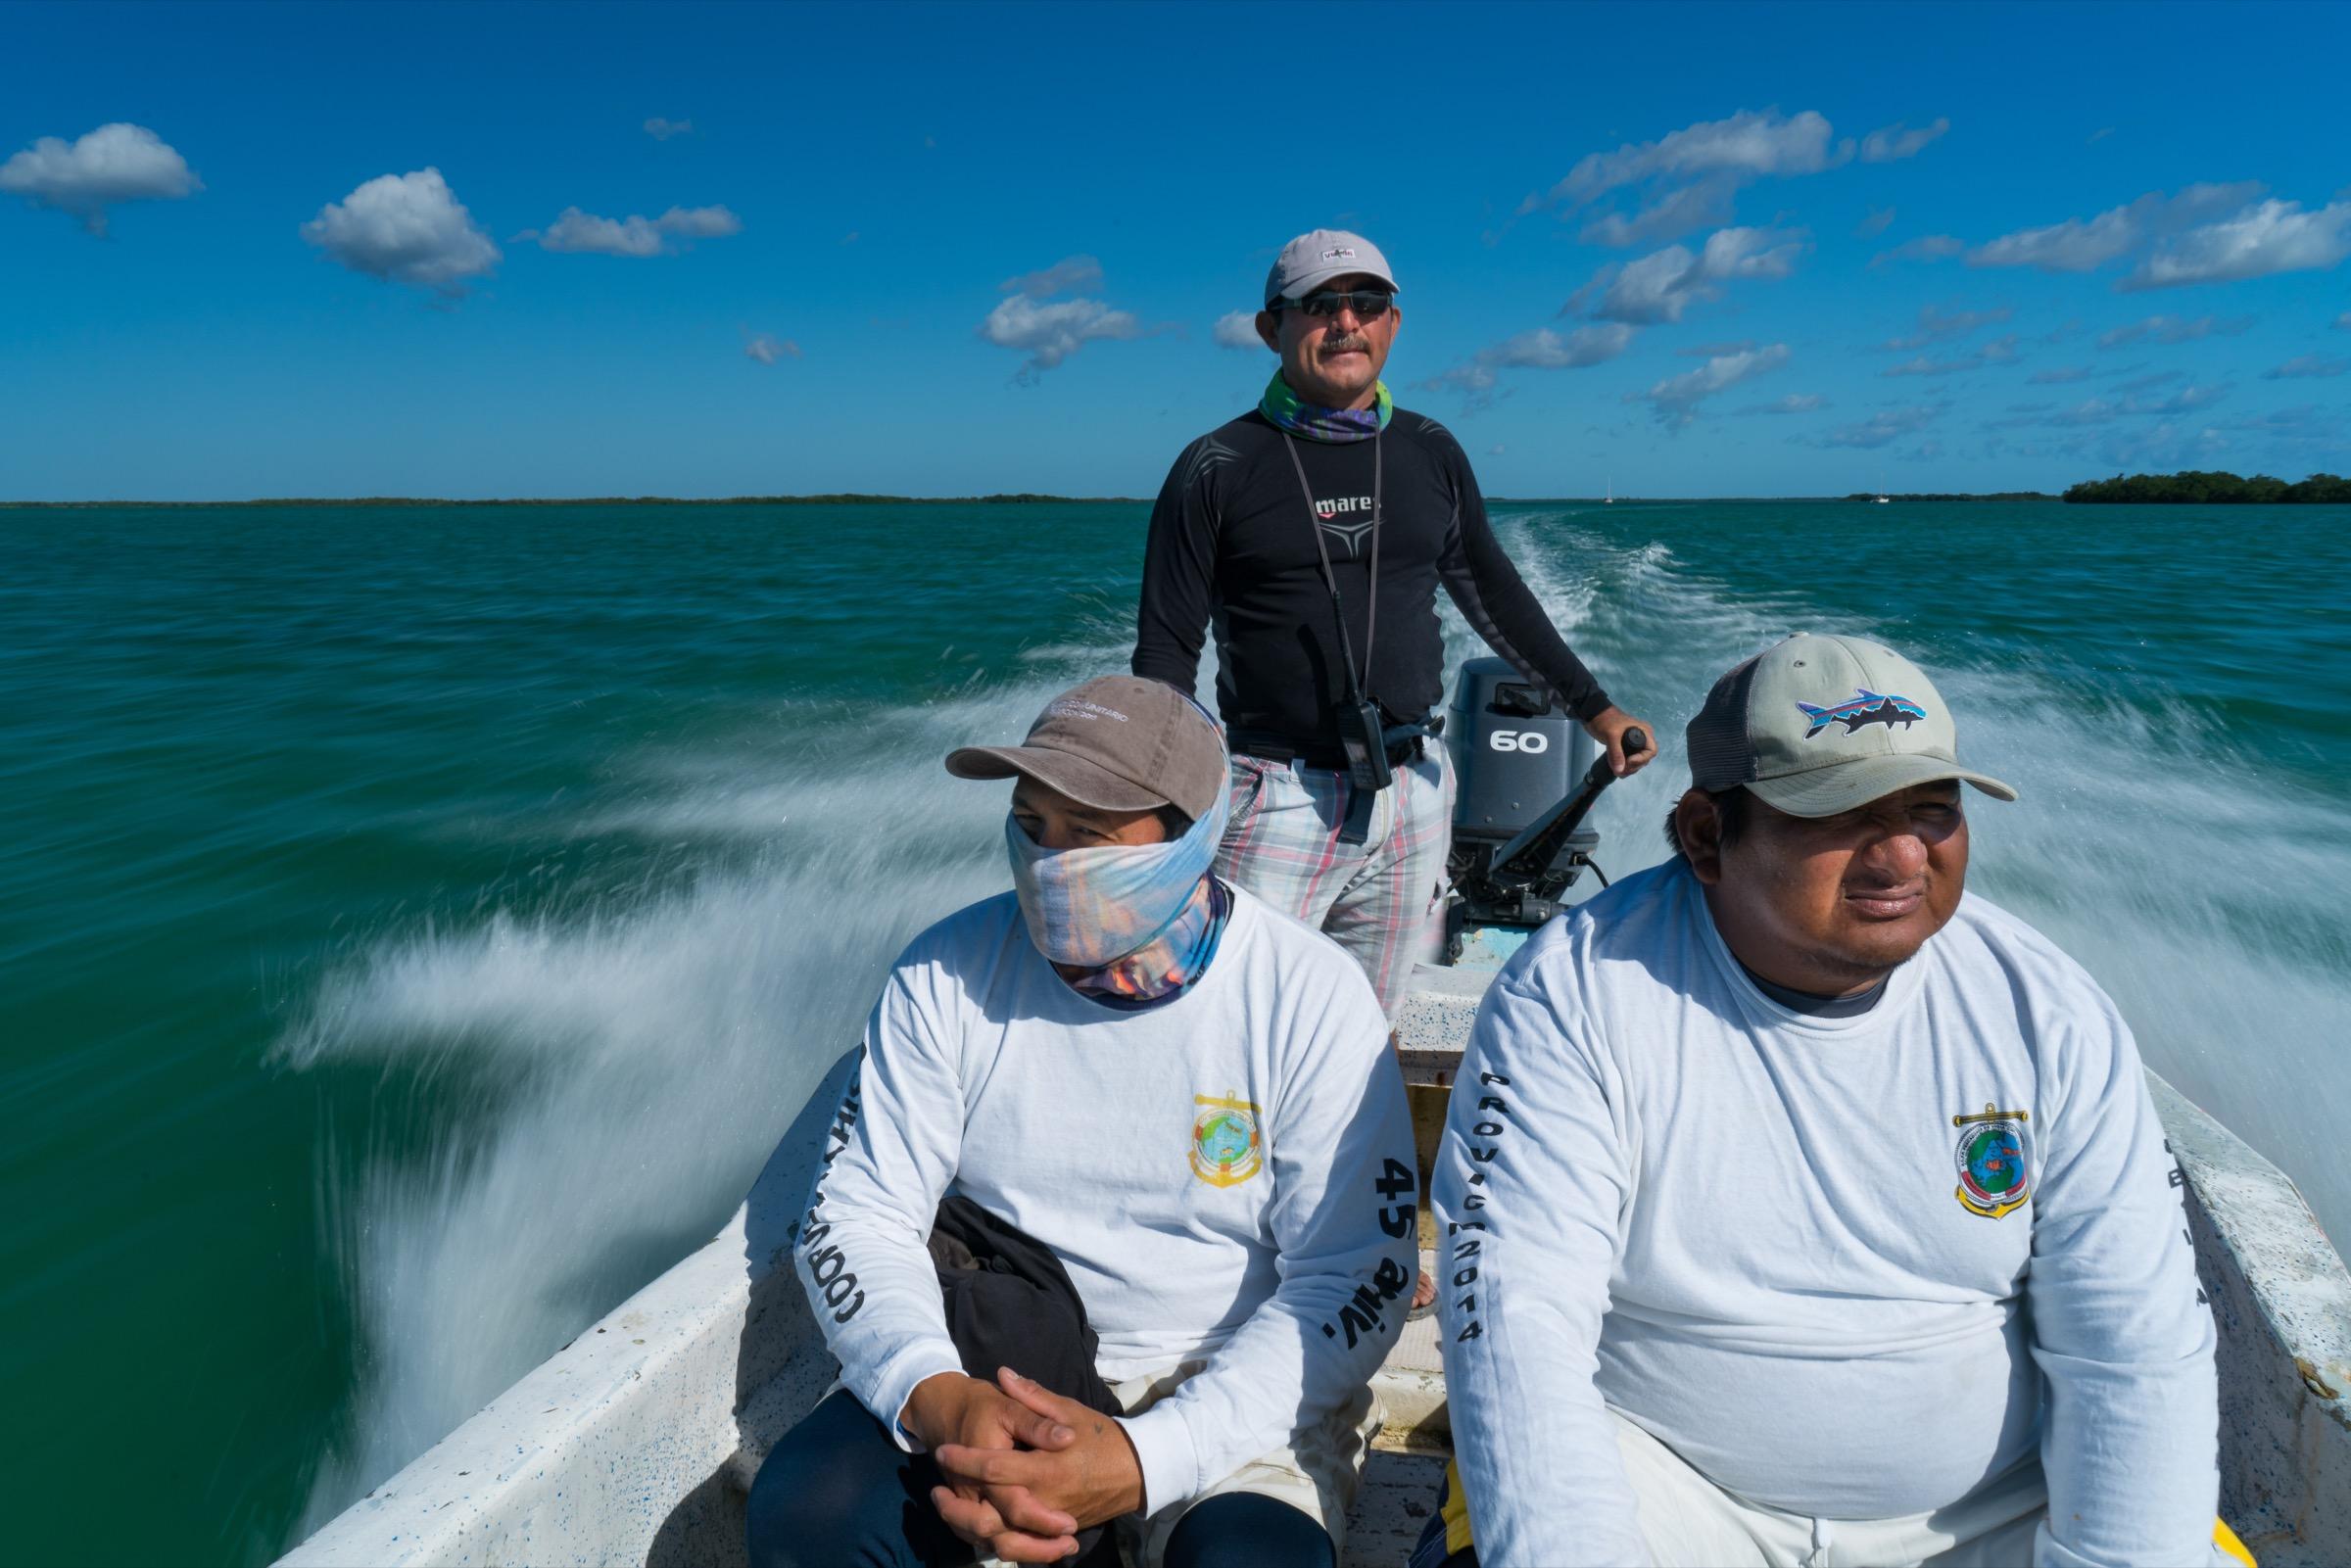 Emilio Pérez Mendoza captains his lancha off Punta Allen, Mexico. Photograph by Steve De Neef